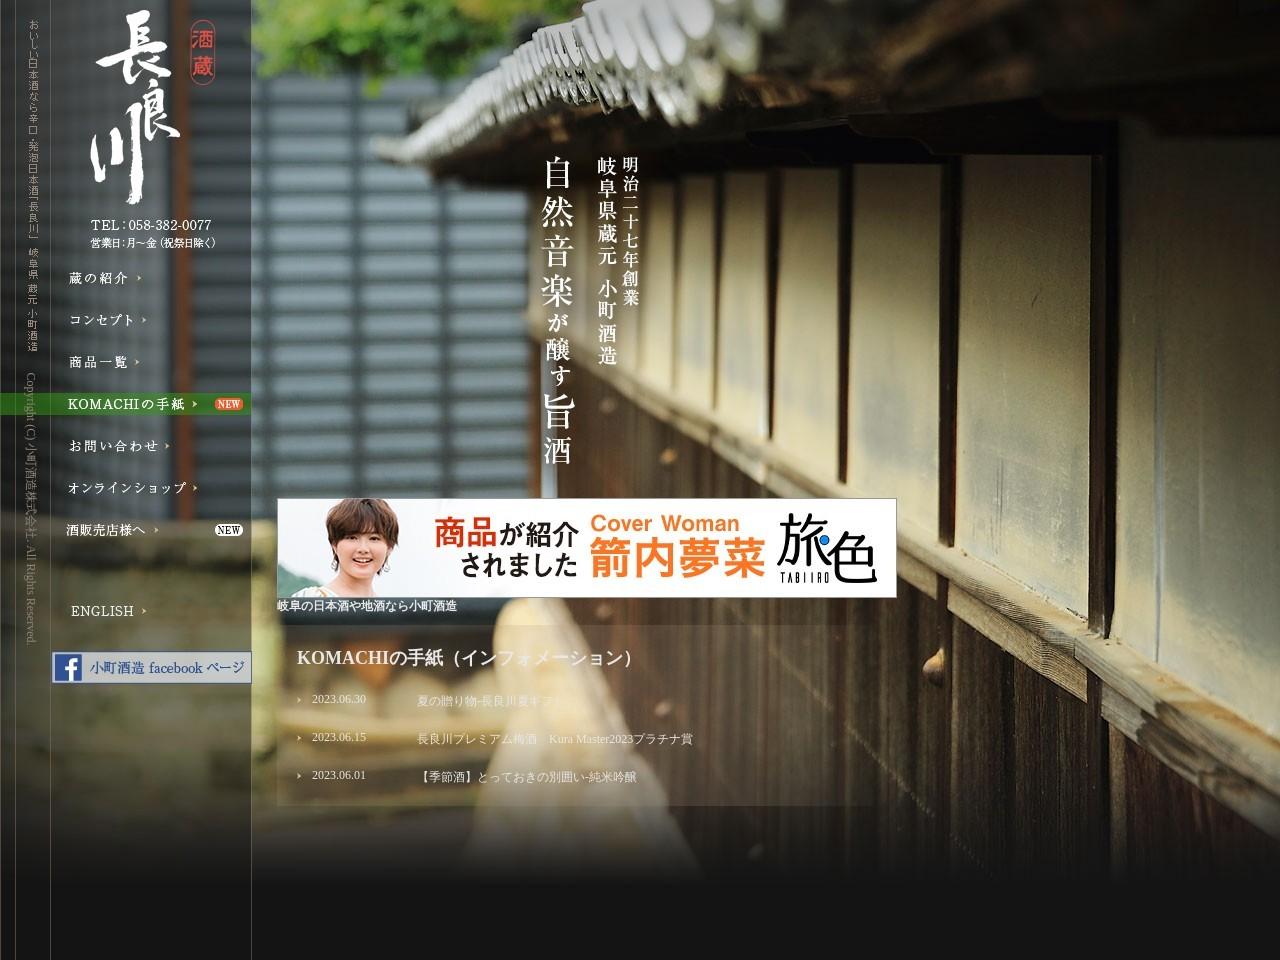 自然音楽が醸す旨酒「長良川」。岐阜県の蔵元小町酒造